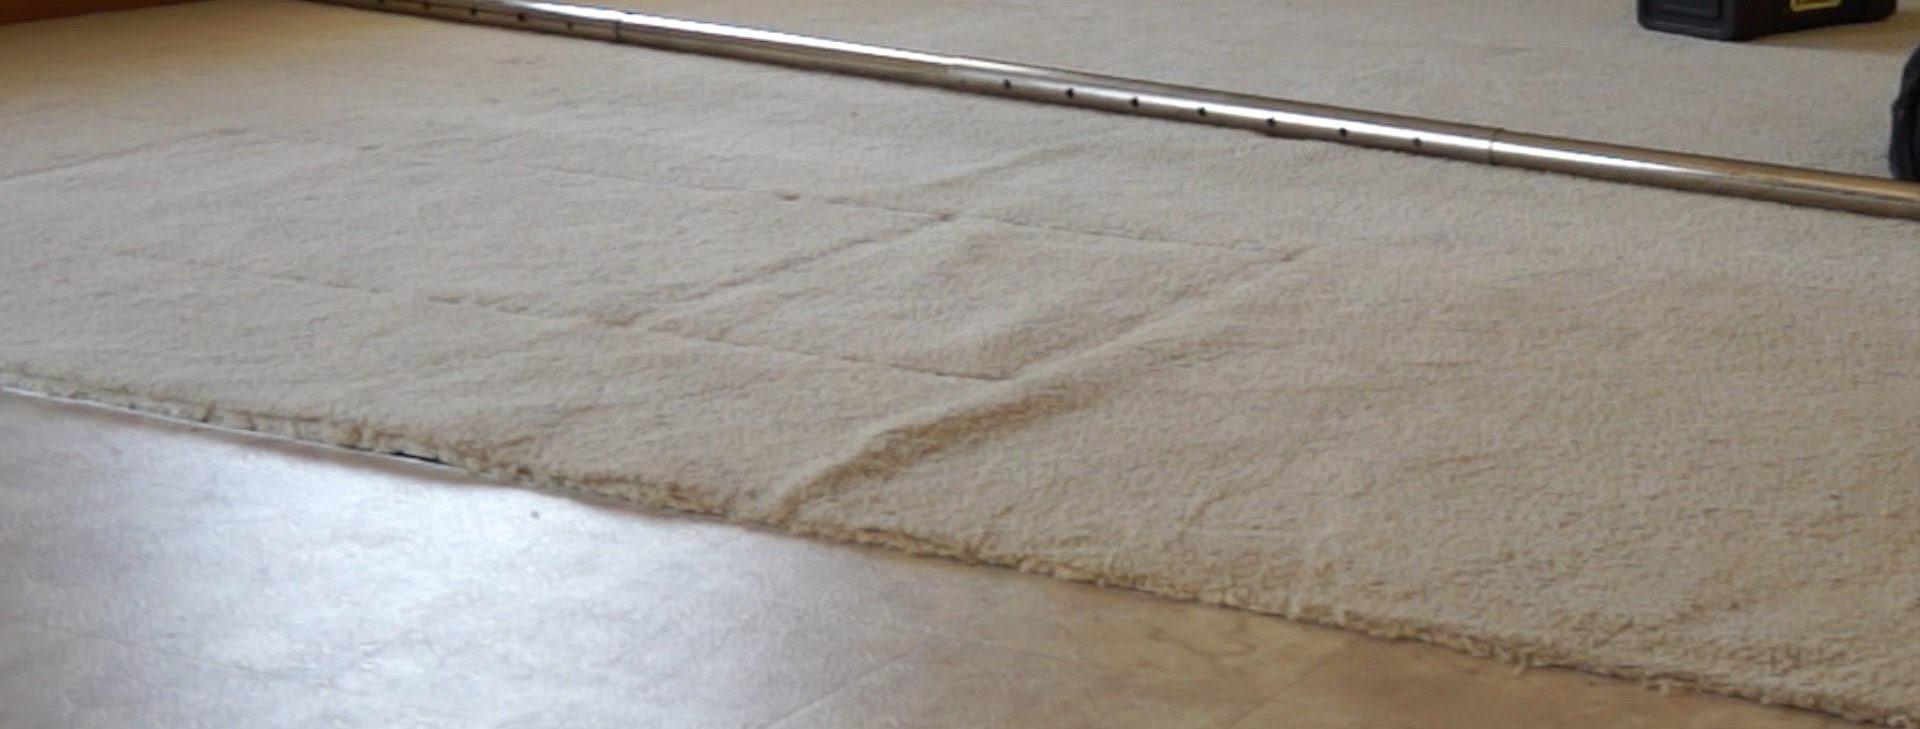 carpet restretching and repair